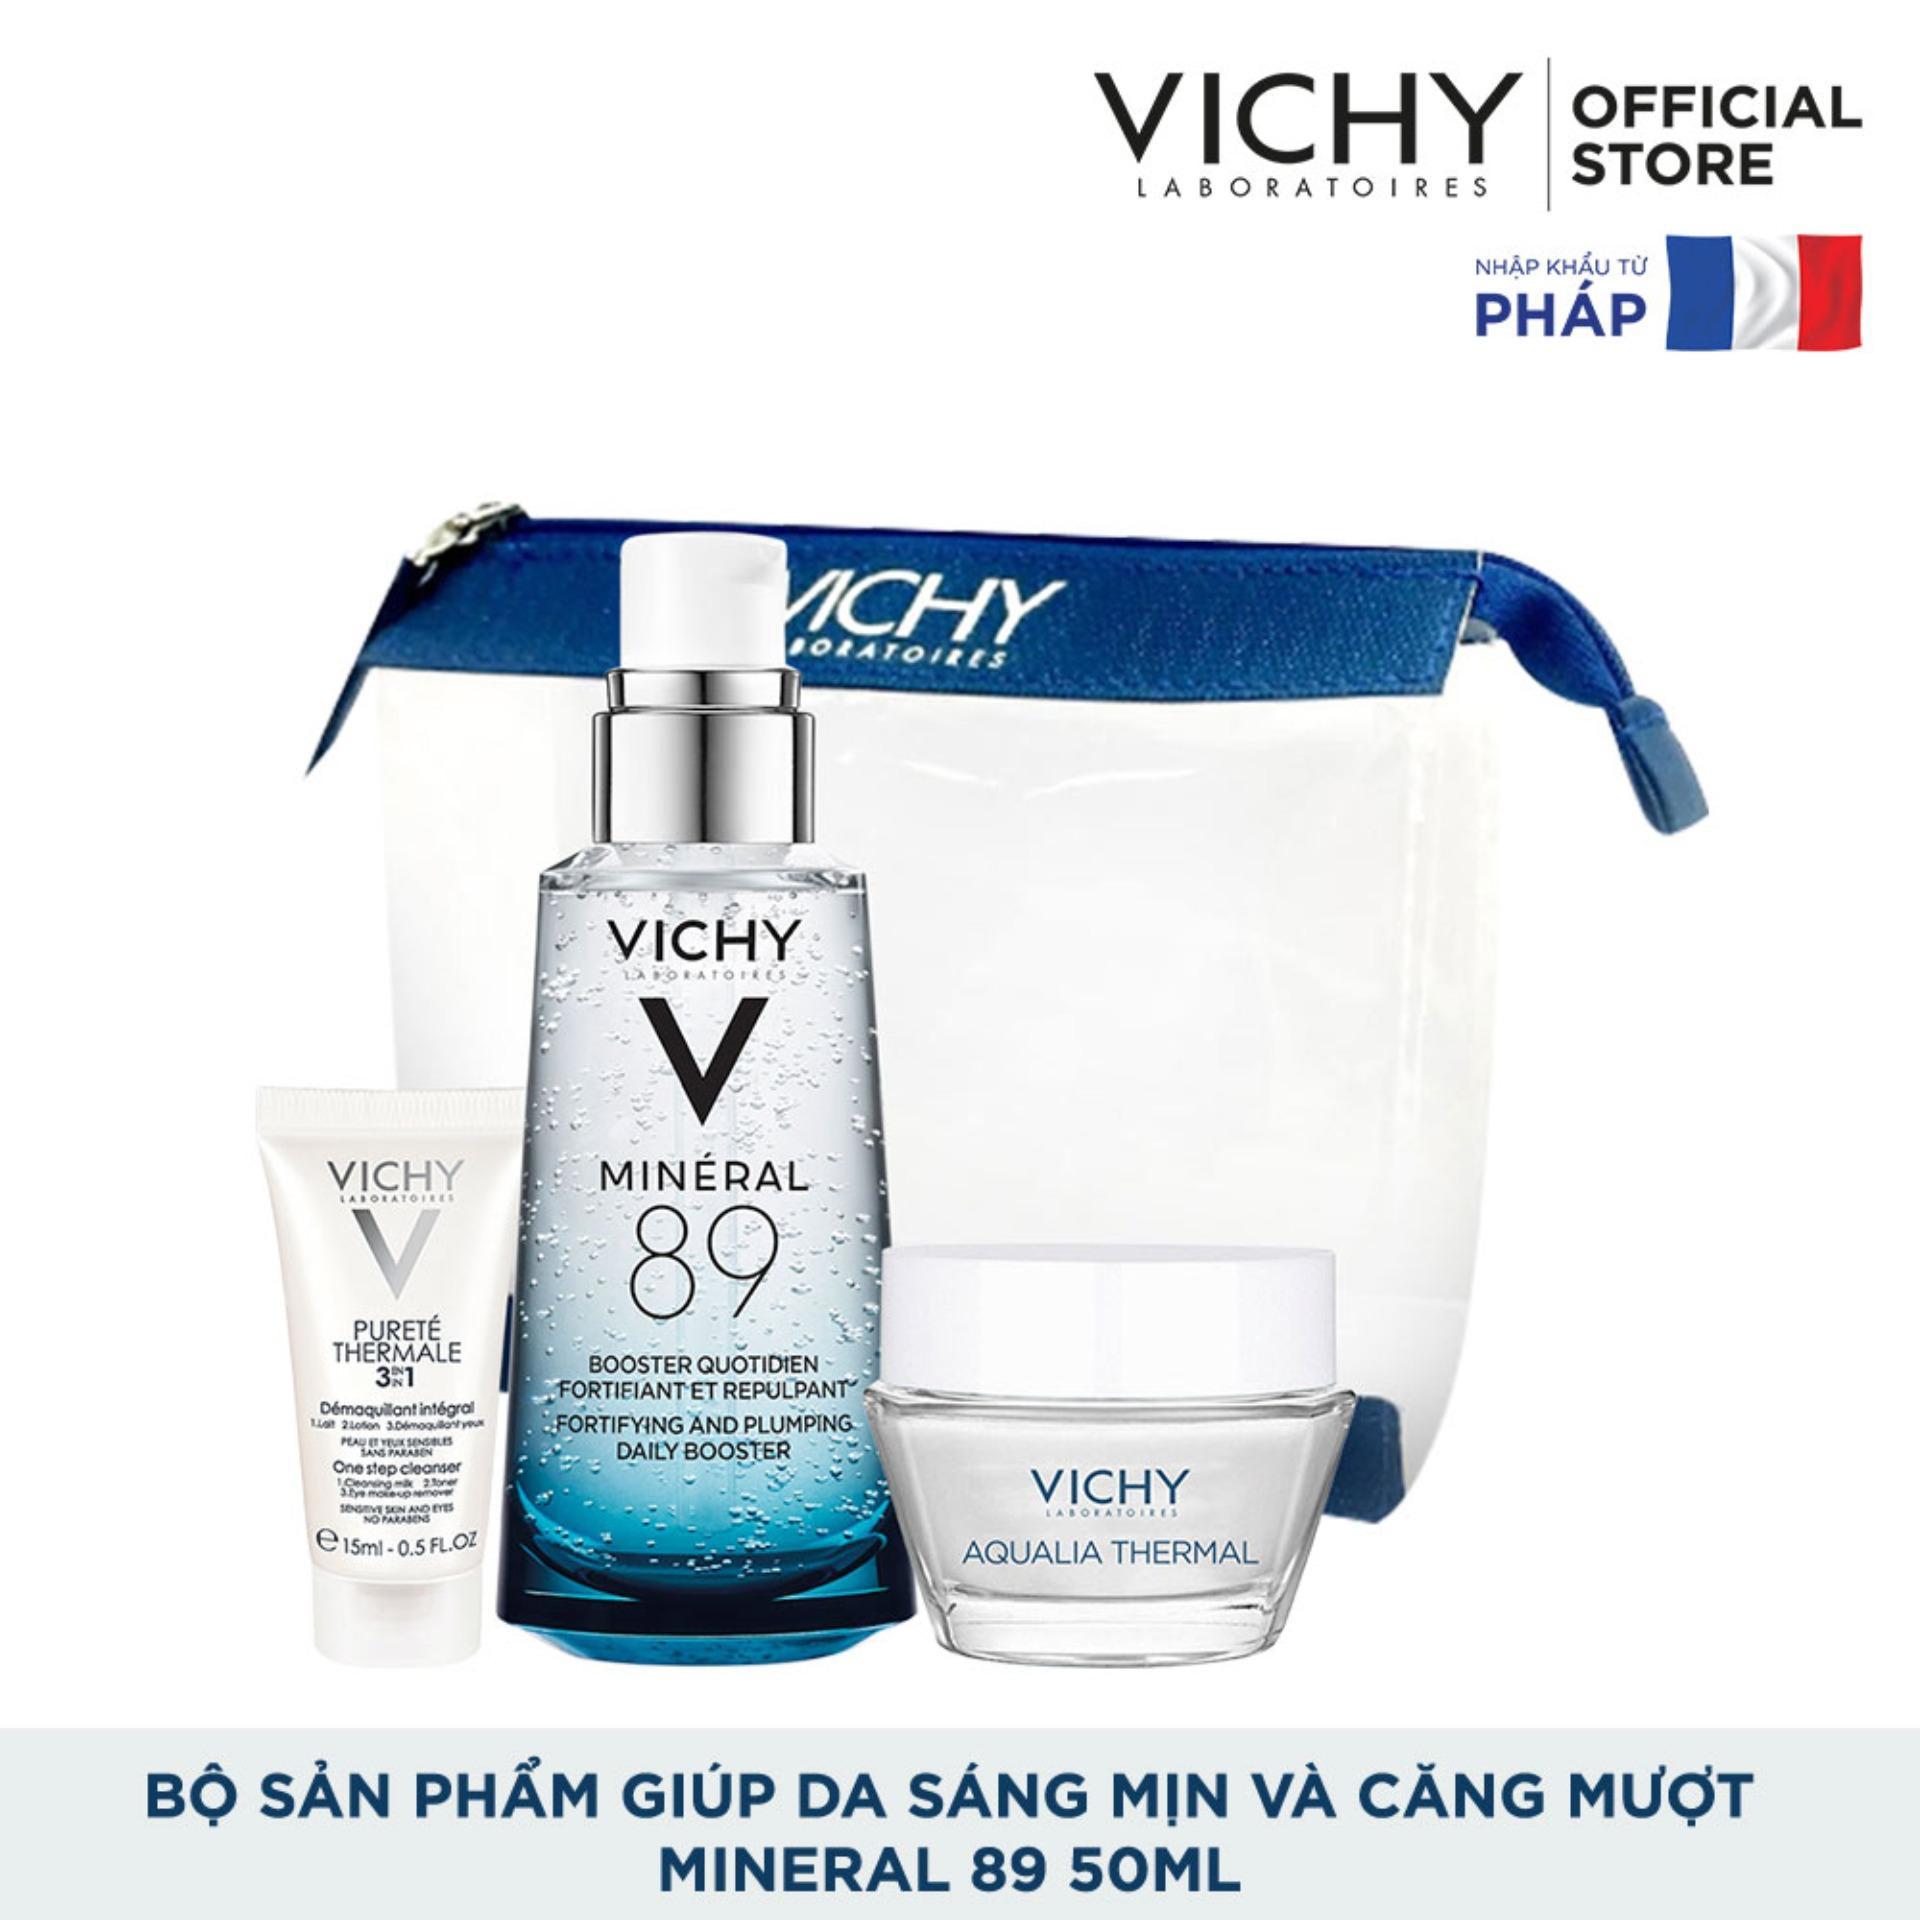 Bộ sản phẩm Dưỡng Chất (Serum) Giàu Khoáng Chất Vichy...